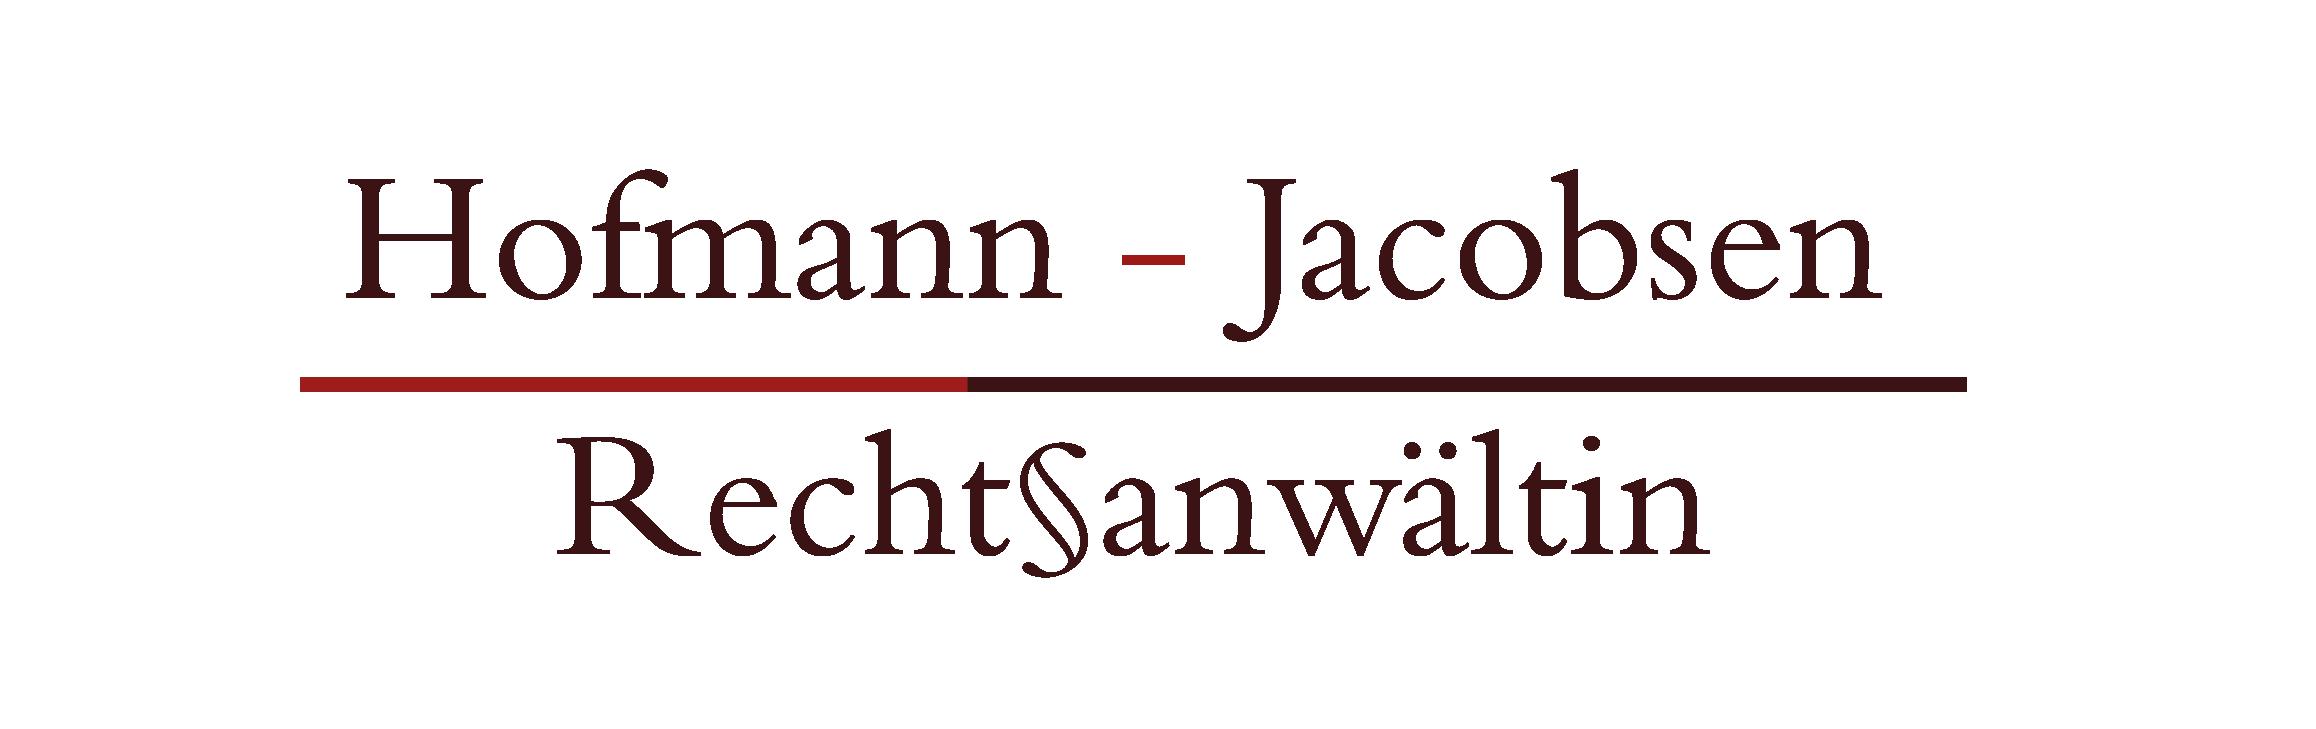 Hofmann-Jacobsen